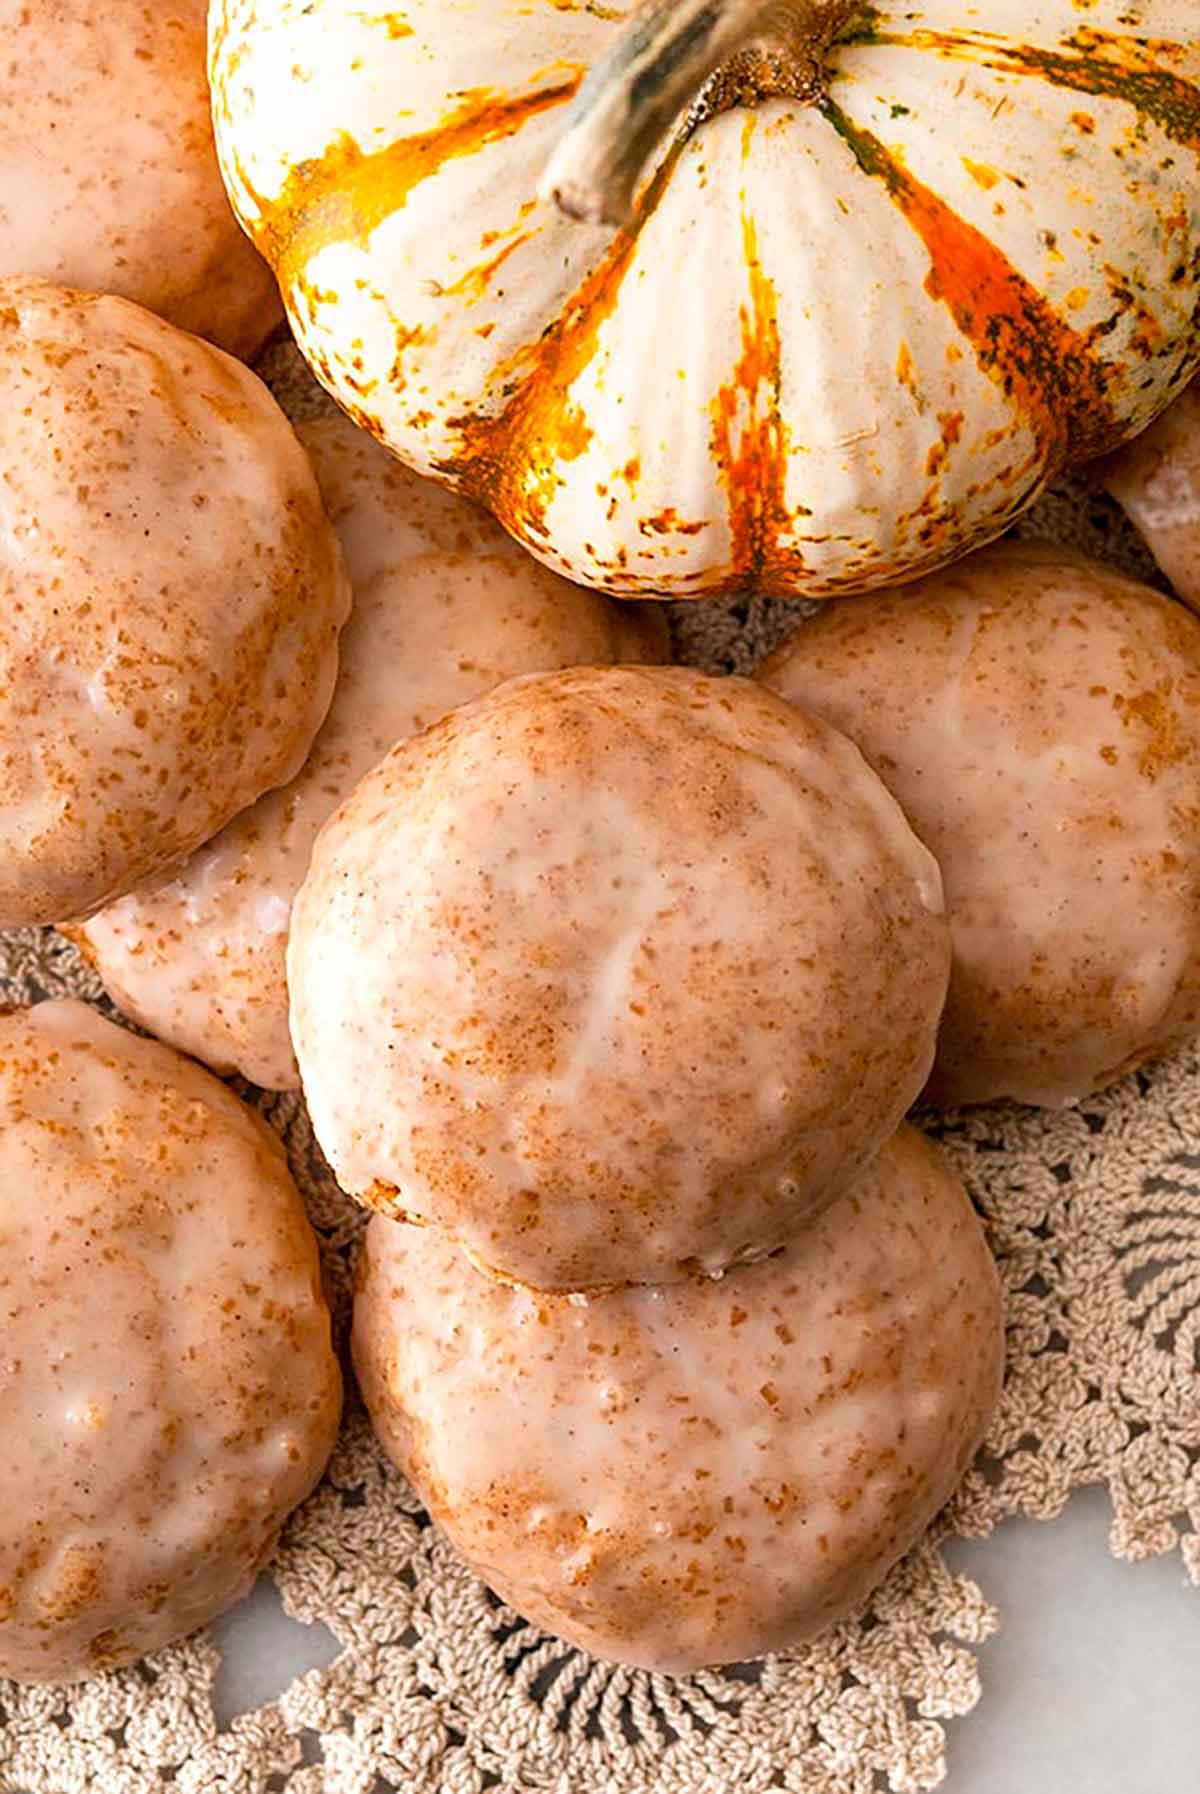 7 glazed cookies on lace, beside a pumpkin gourd.